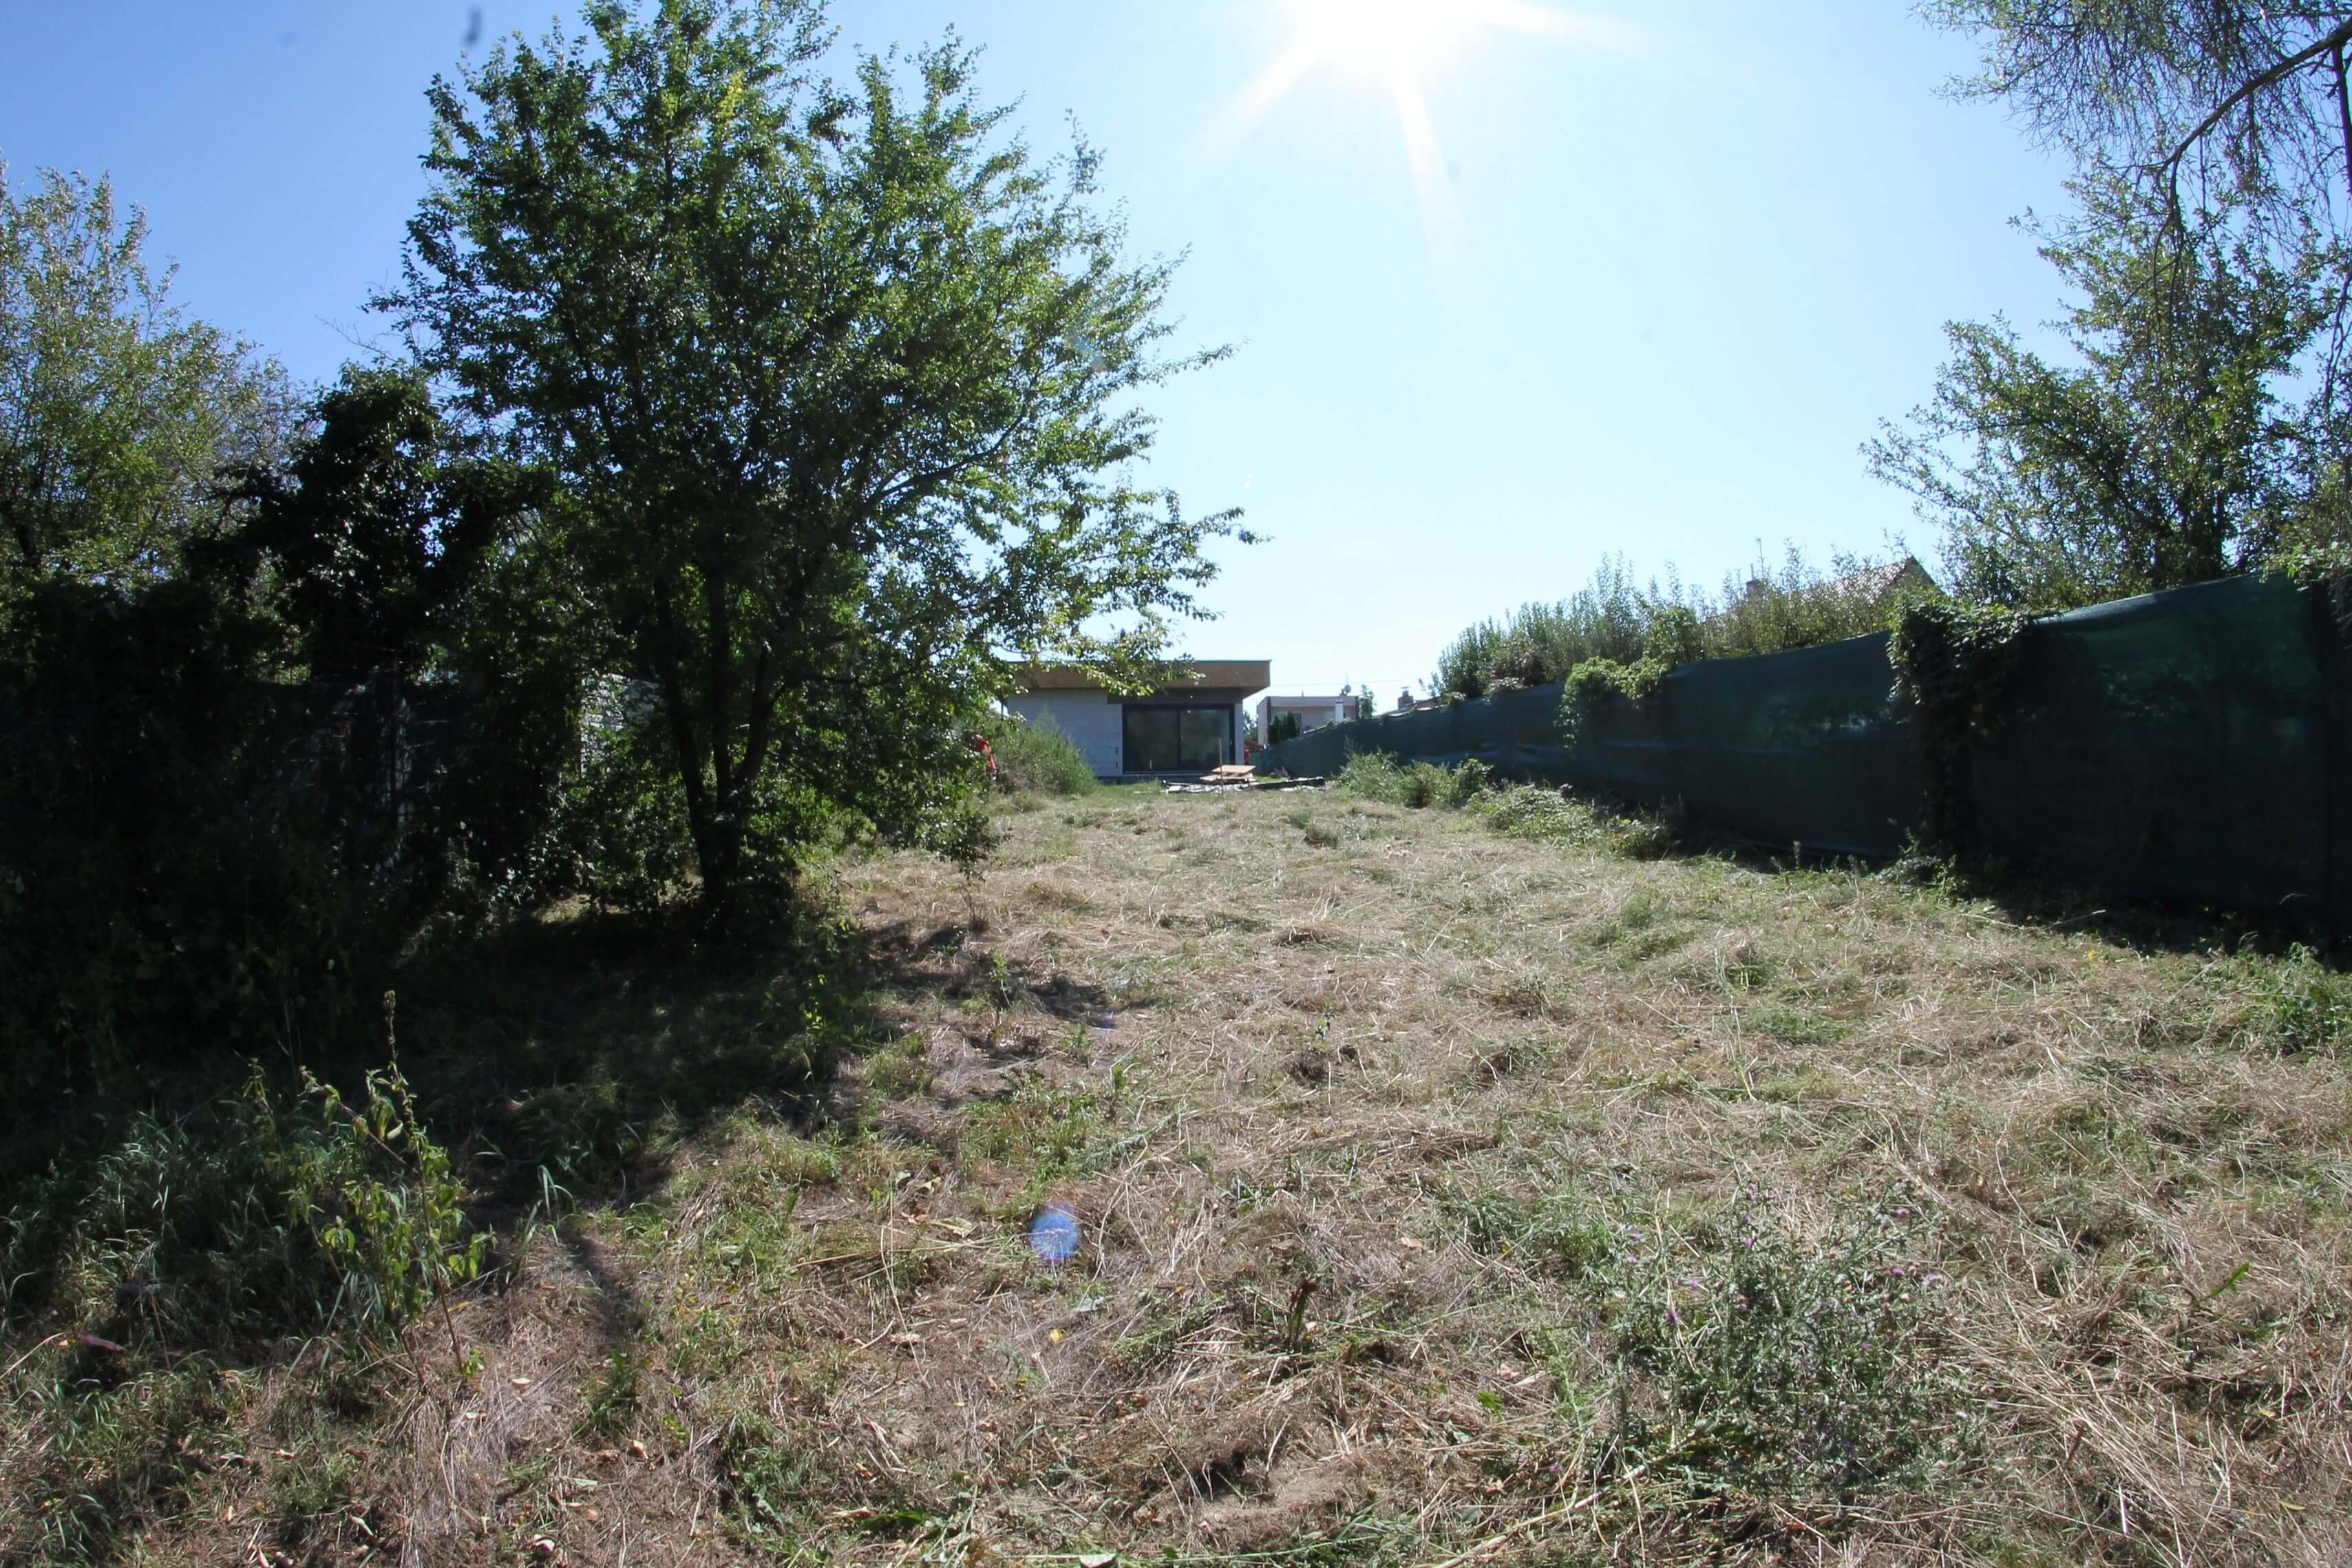 Predané: Predaj nizkoenergetický 4 izbový RD, Bungalov, v Ivanke pri Dunaji časť Farná, úžitková 121m2, pozemok 1038m2-5